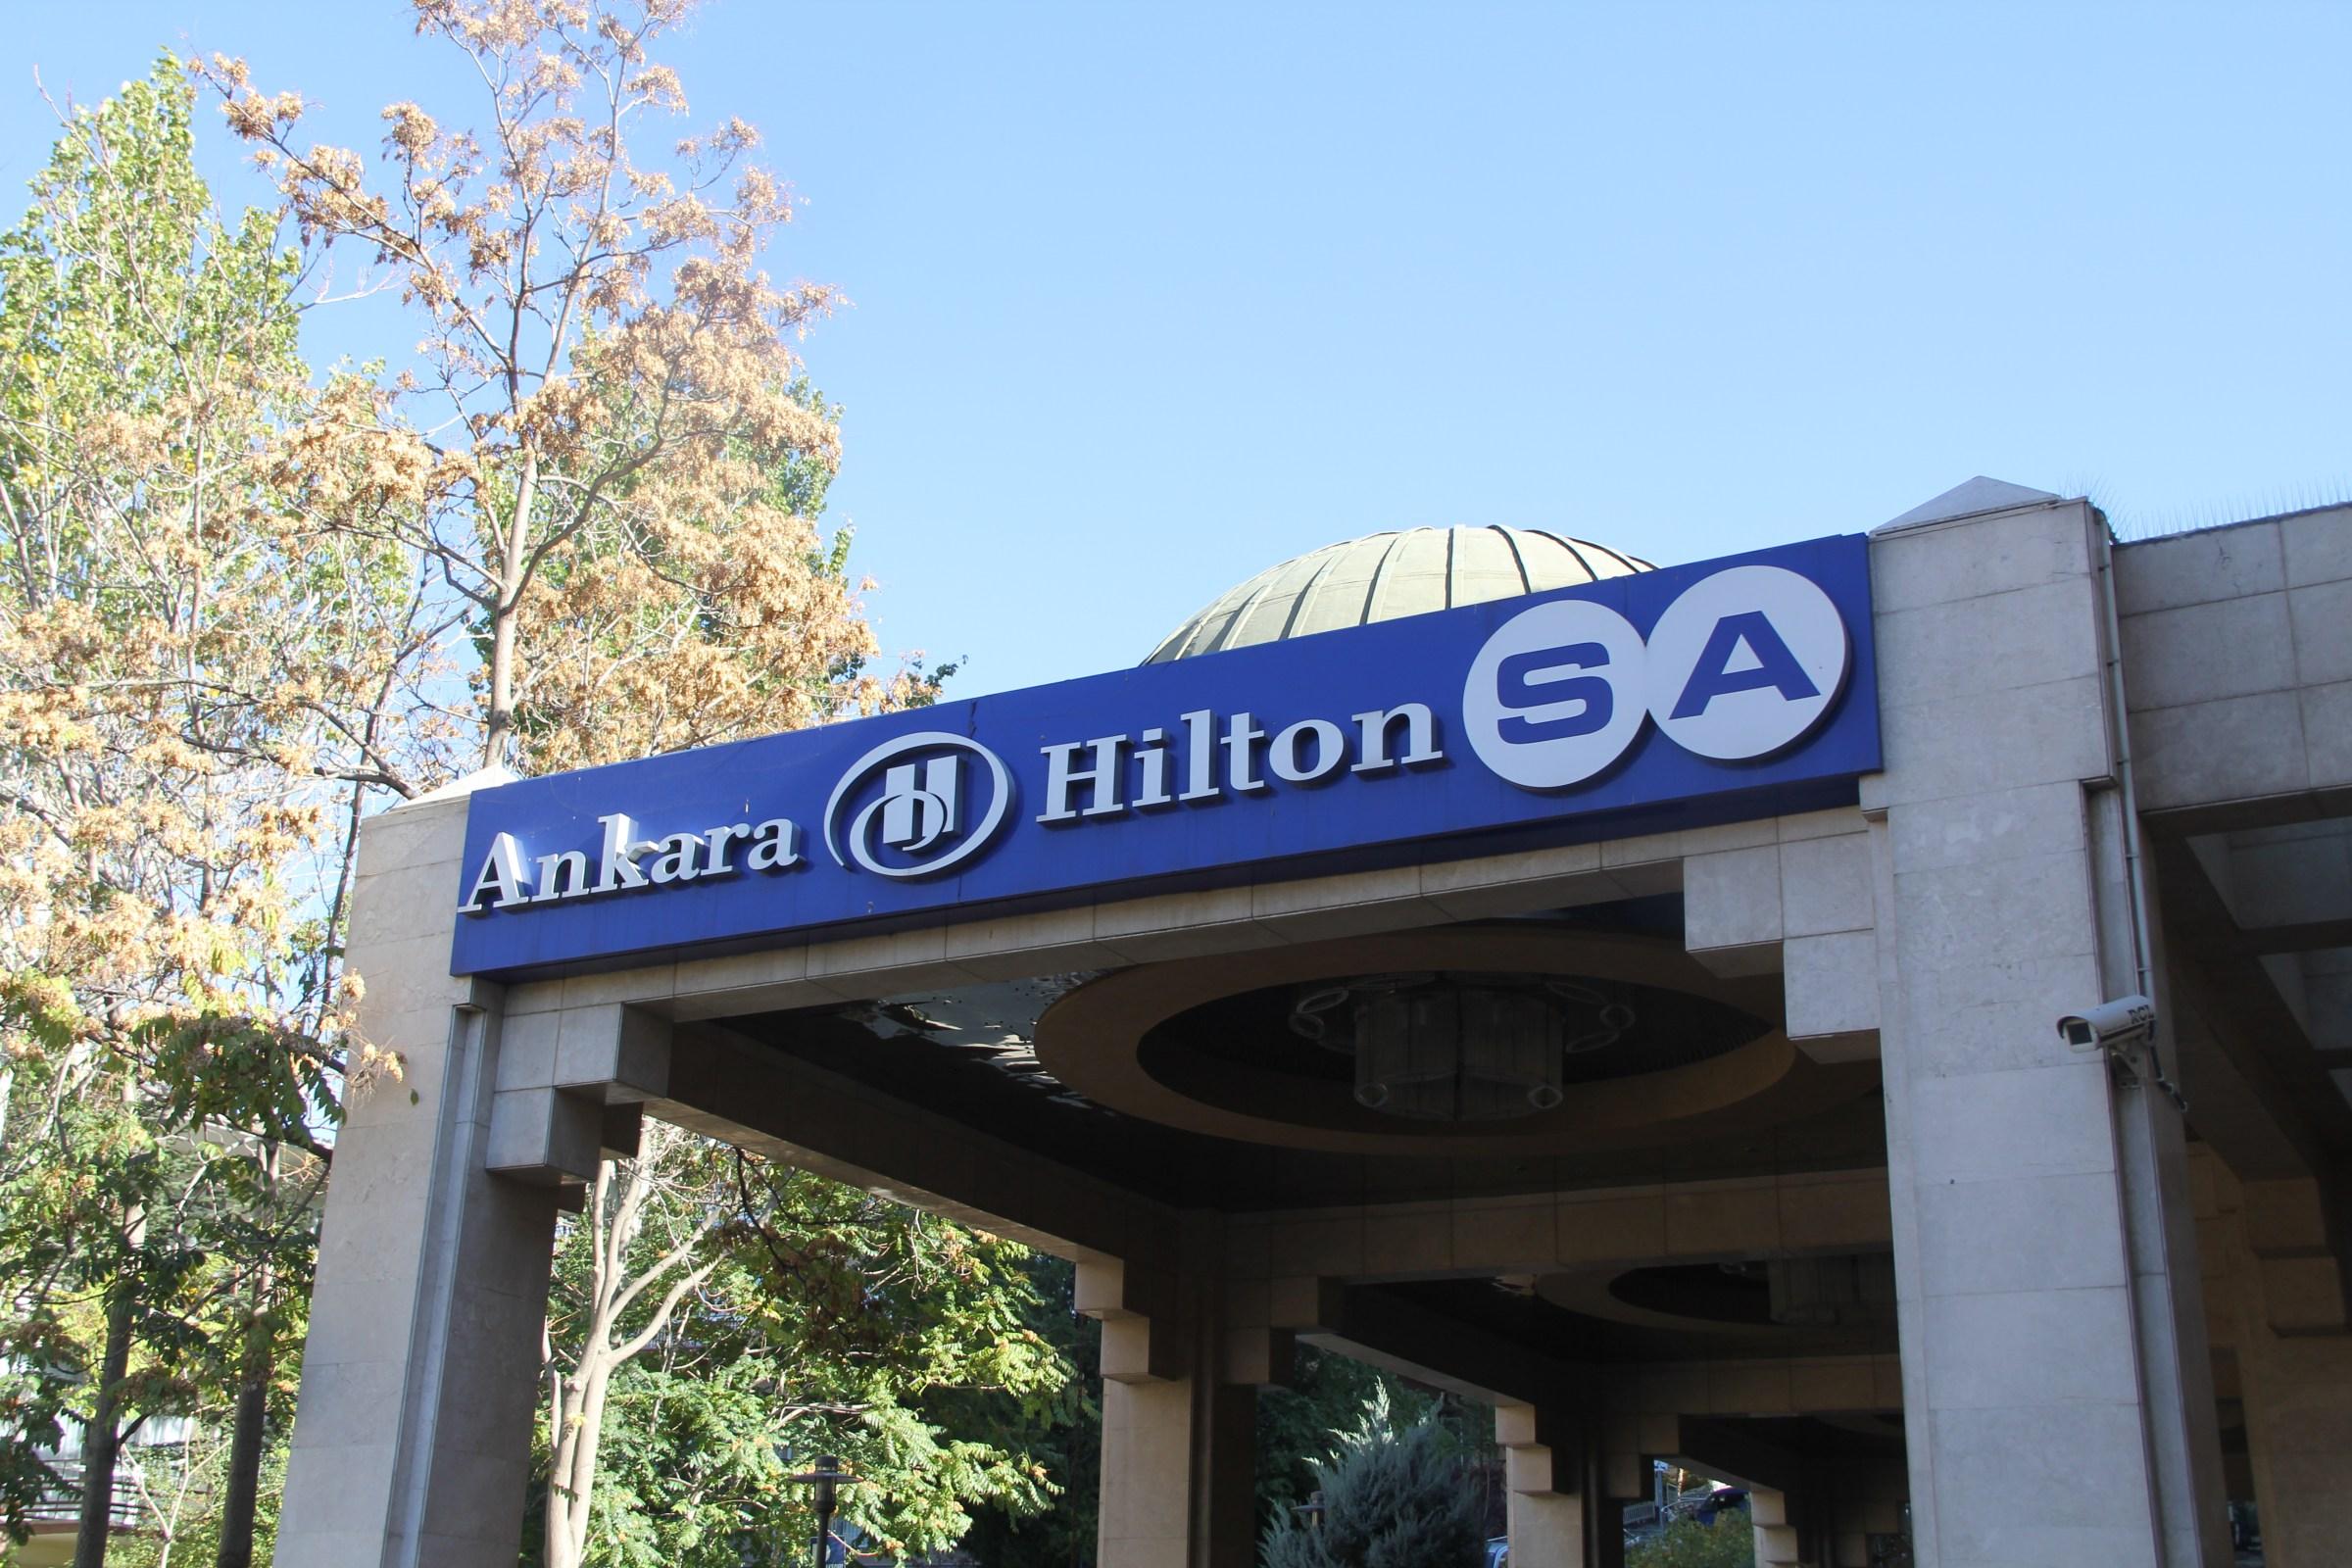 Hilton Ankara Entrance